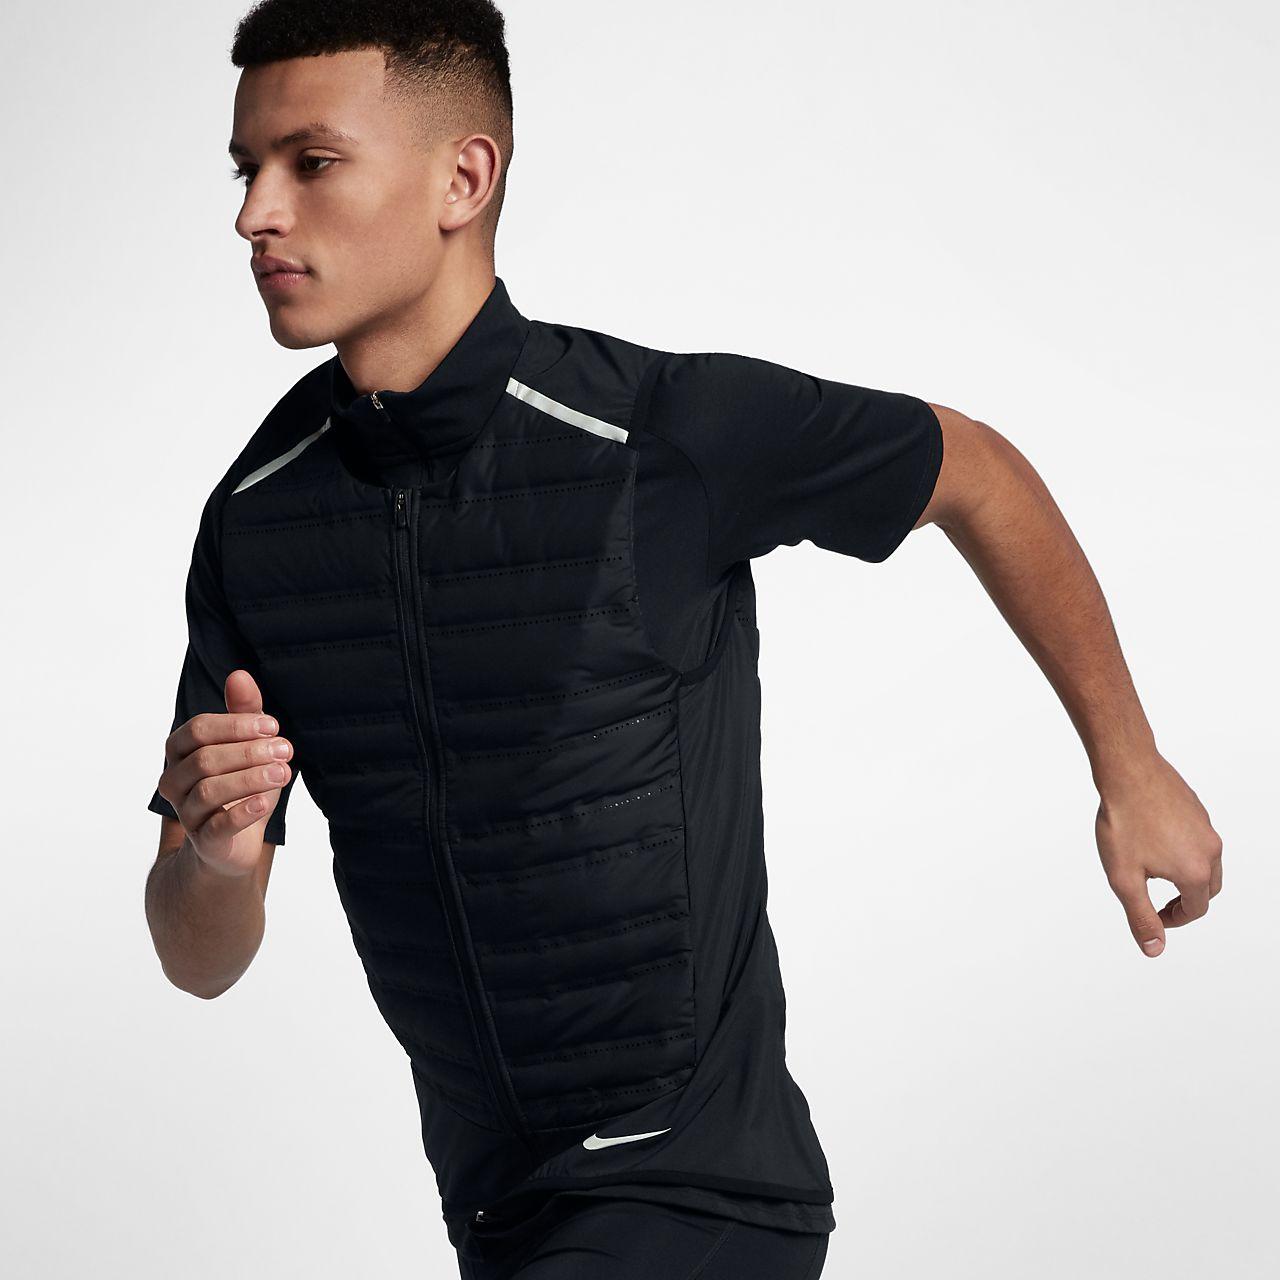 Ανδρικό αμάνικο τζάκετ για τρέξιμο Nike AeroLoft